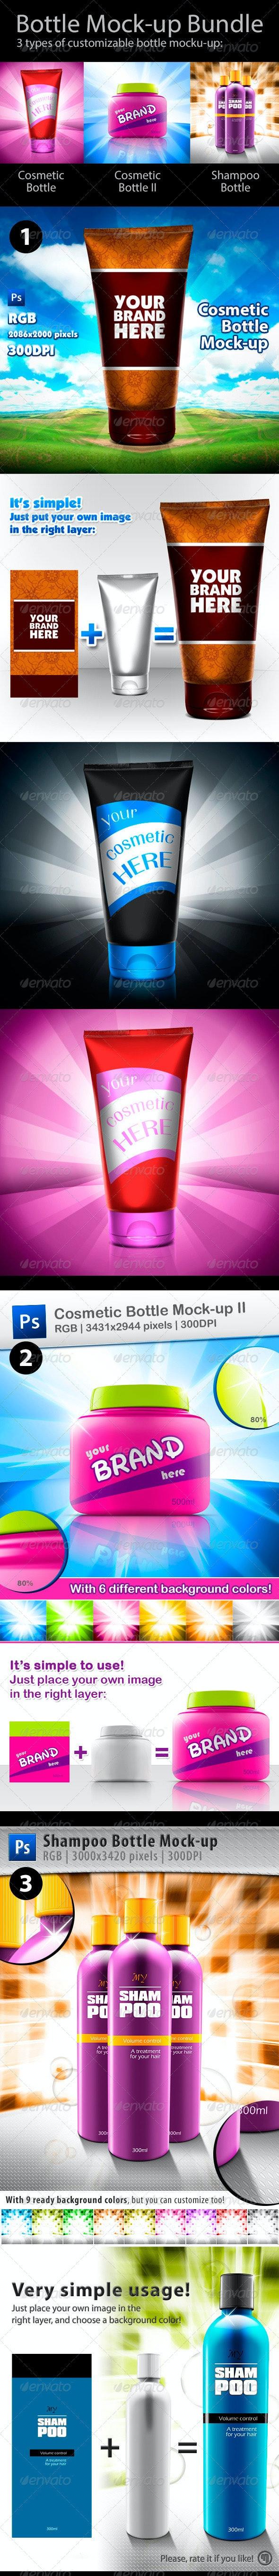 Bottle Mock-up Bundle - Packaging Product Mock-Ups